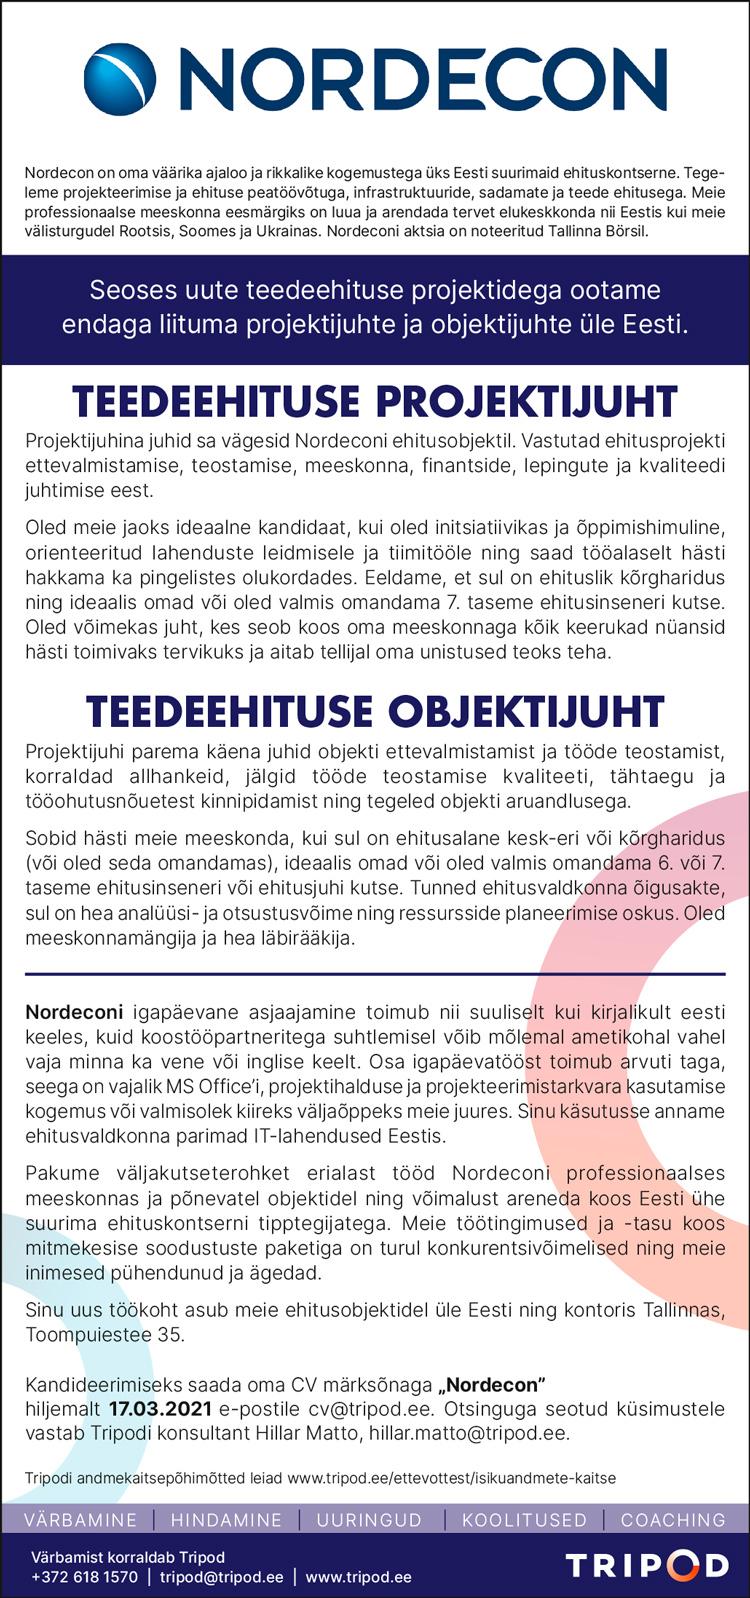 TEEDEEHITUS PROJEKTIJUHT/ TEEDEEHITUSE OBJEKTIJUHT